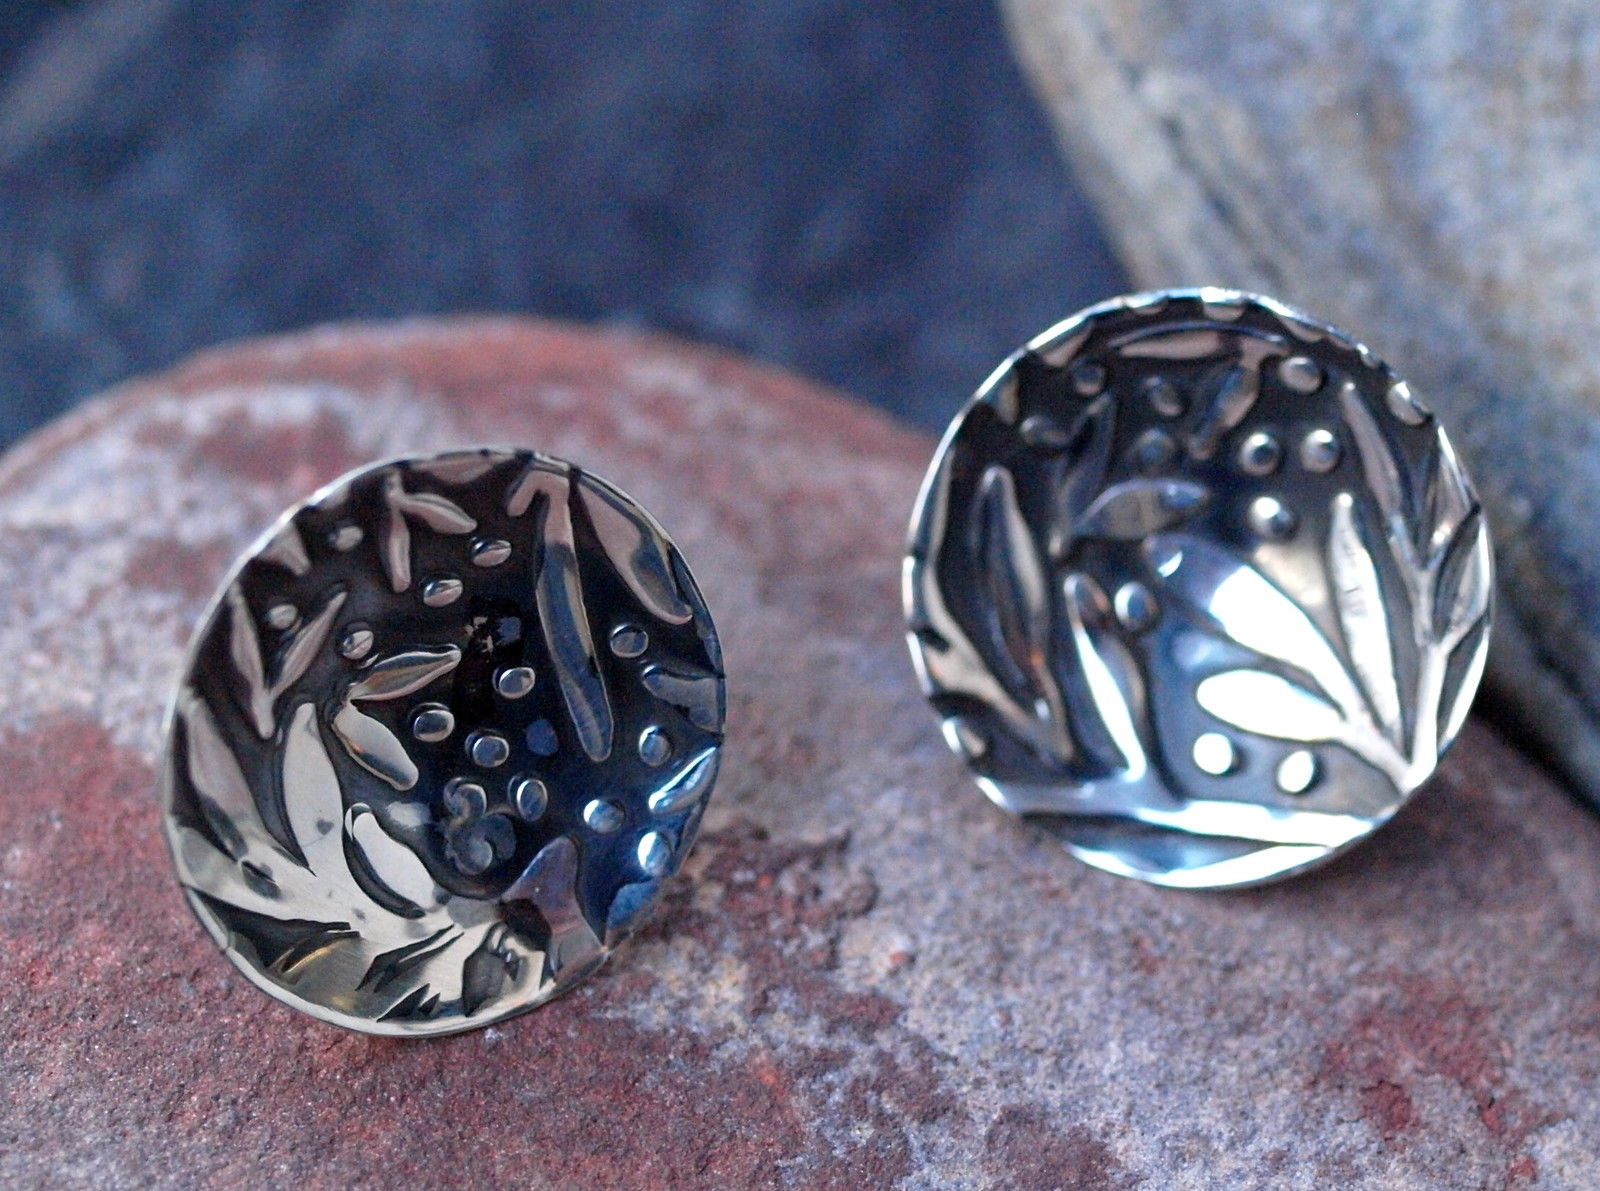 Silber Ohrstecker 925 runde Form konkav gewölbt pflanzliche Muster geschwärzt